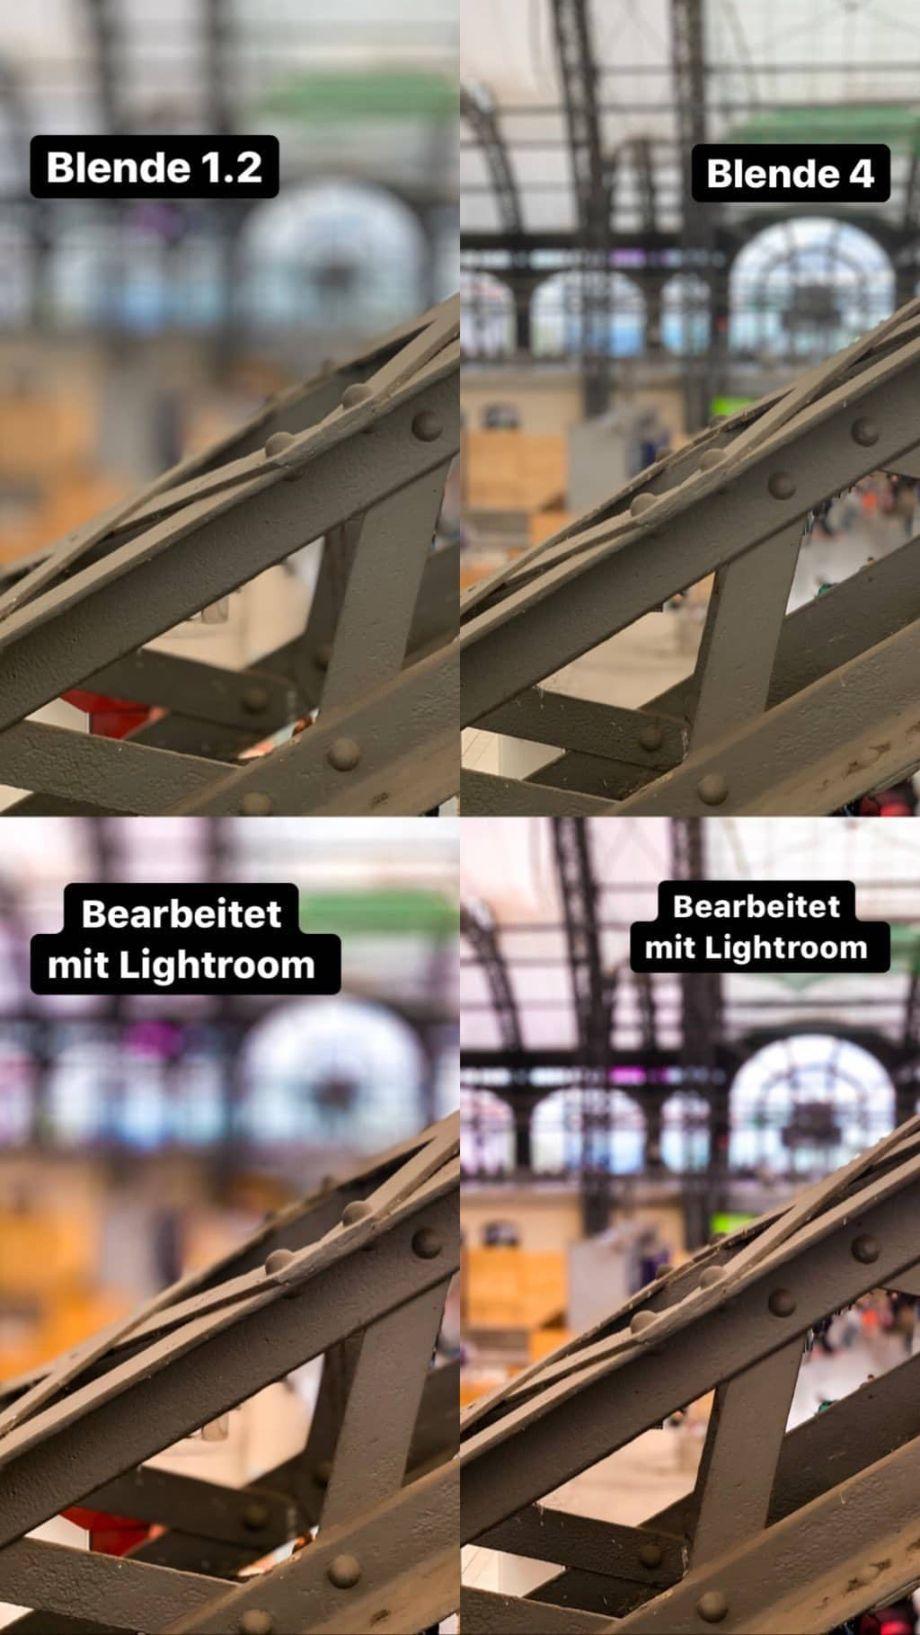 Fotografie: Smartphone Fotografie #2 - Vorher/Nachher - Blende und Lightroom App und Fotokurse in Leipzig!